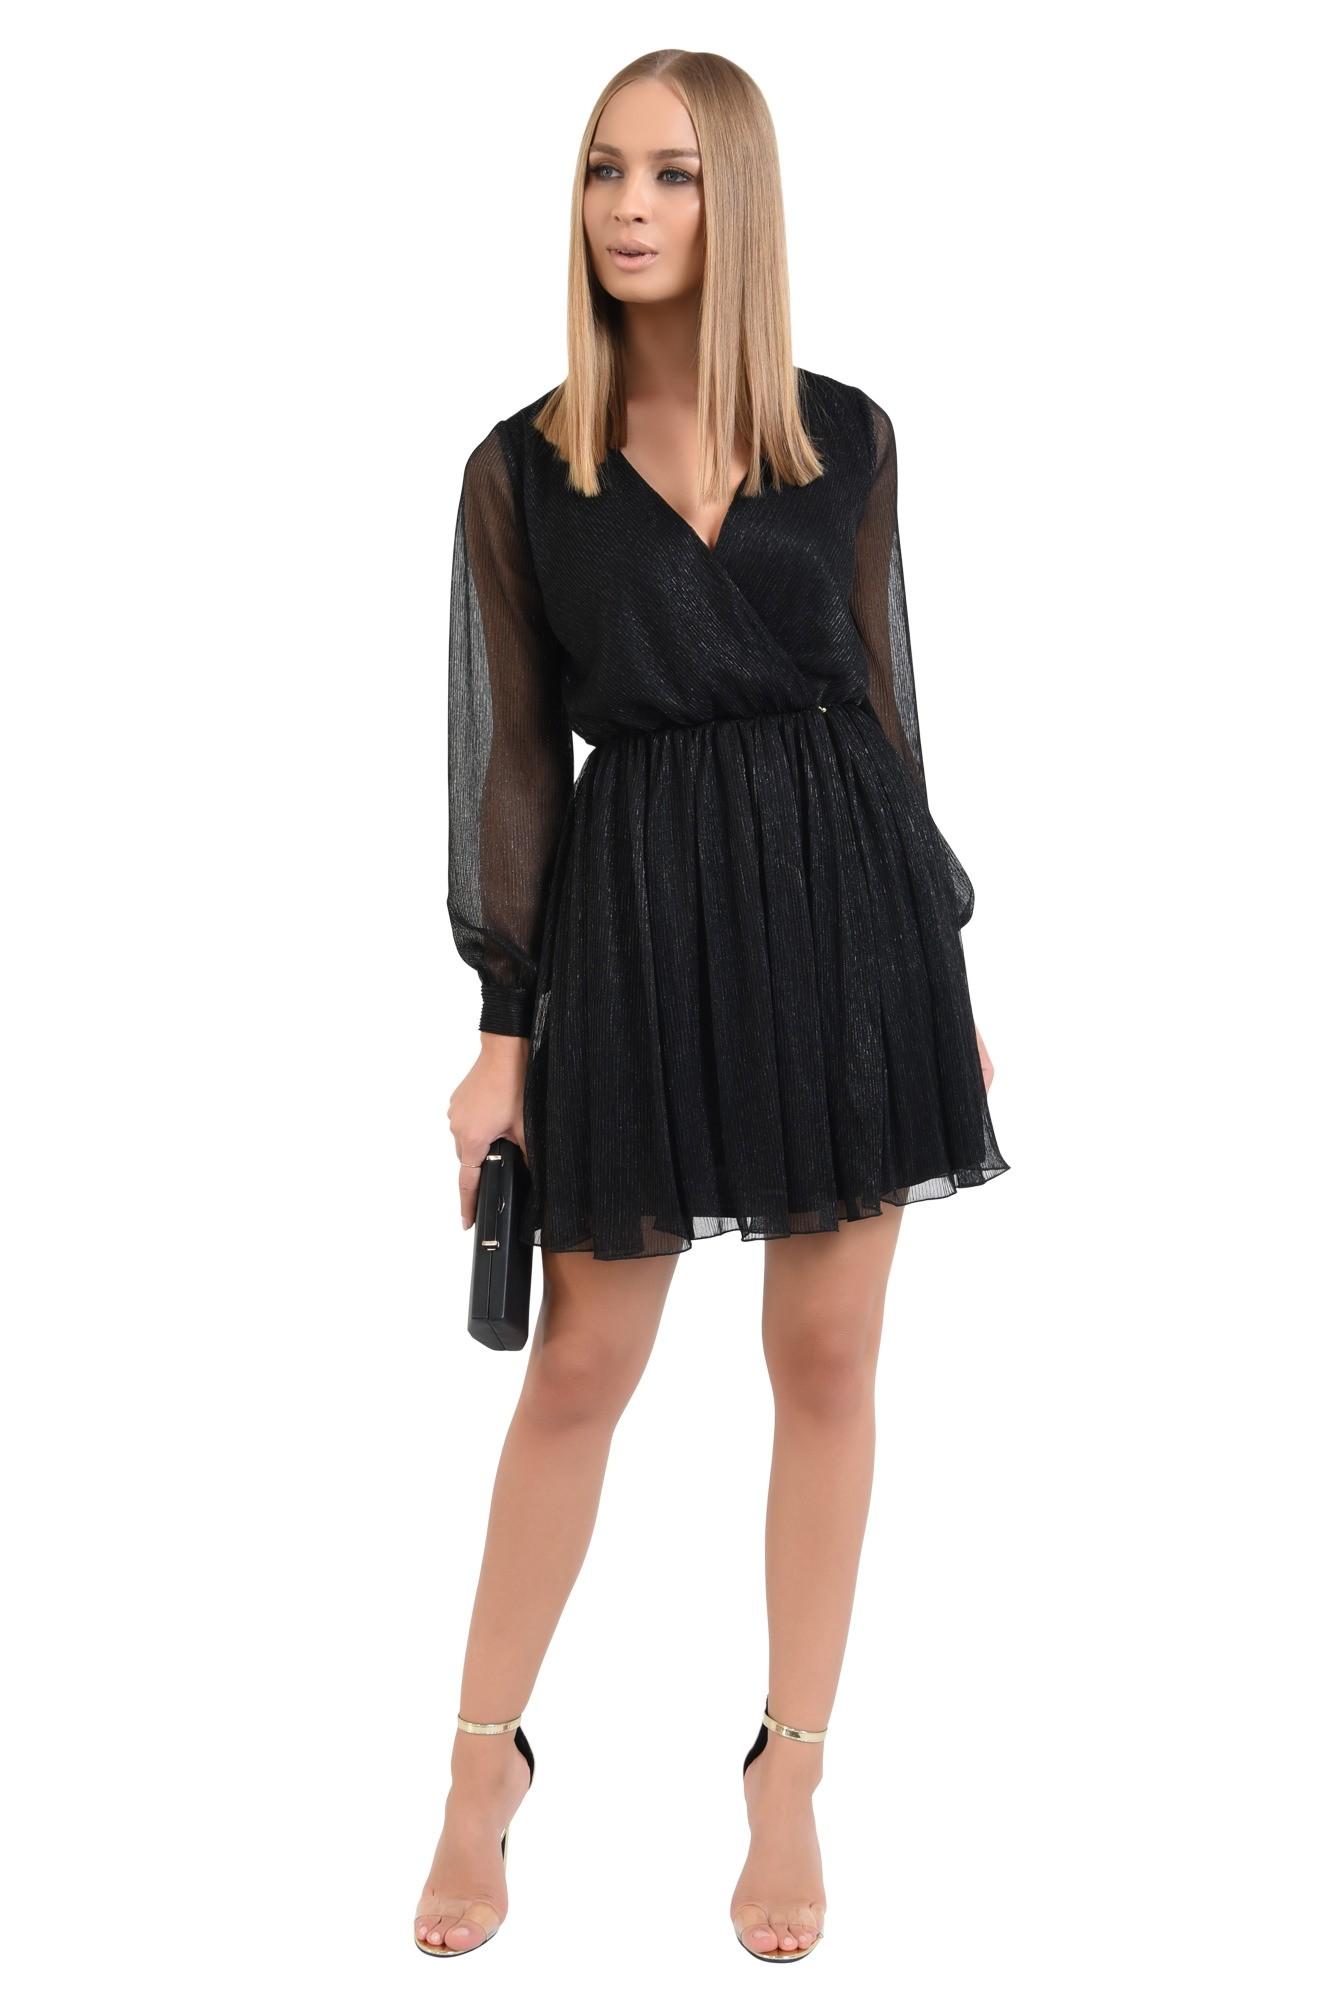 3 - 360 - rochie eleganta, mini, anchior petrecut, negru